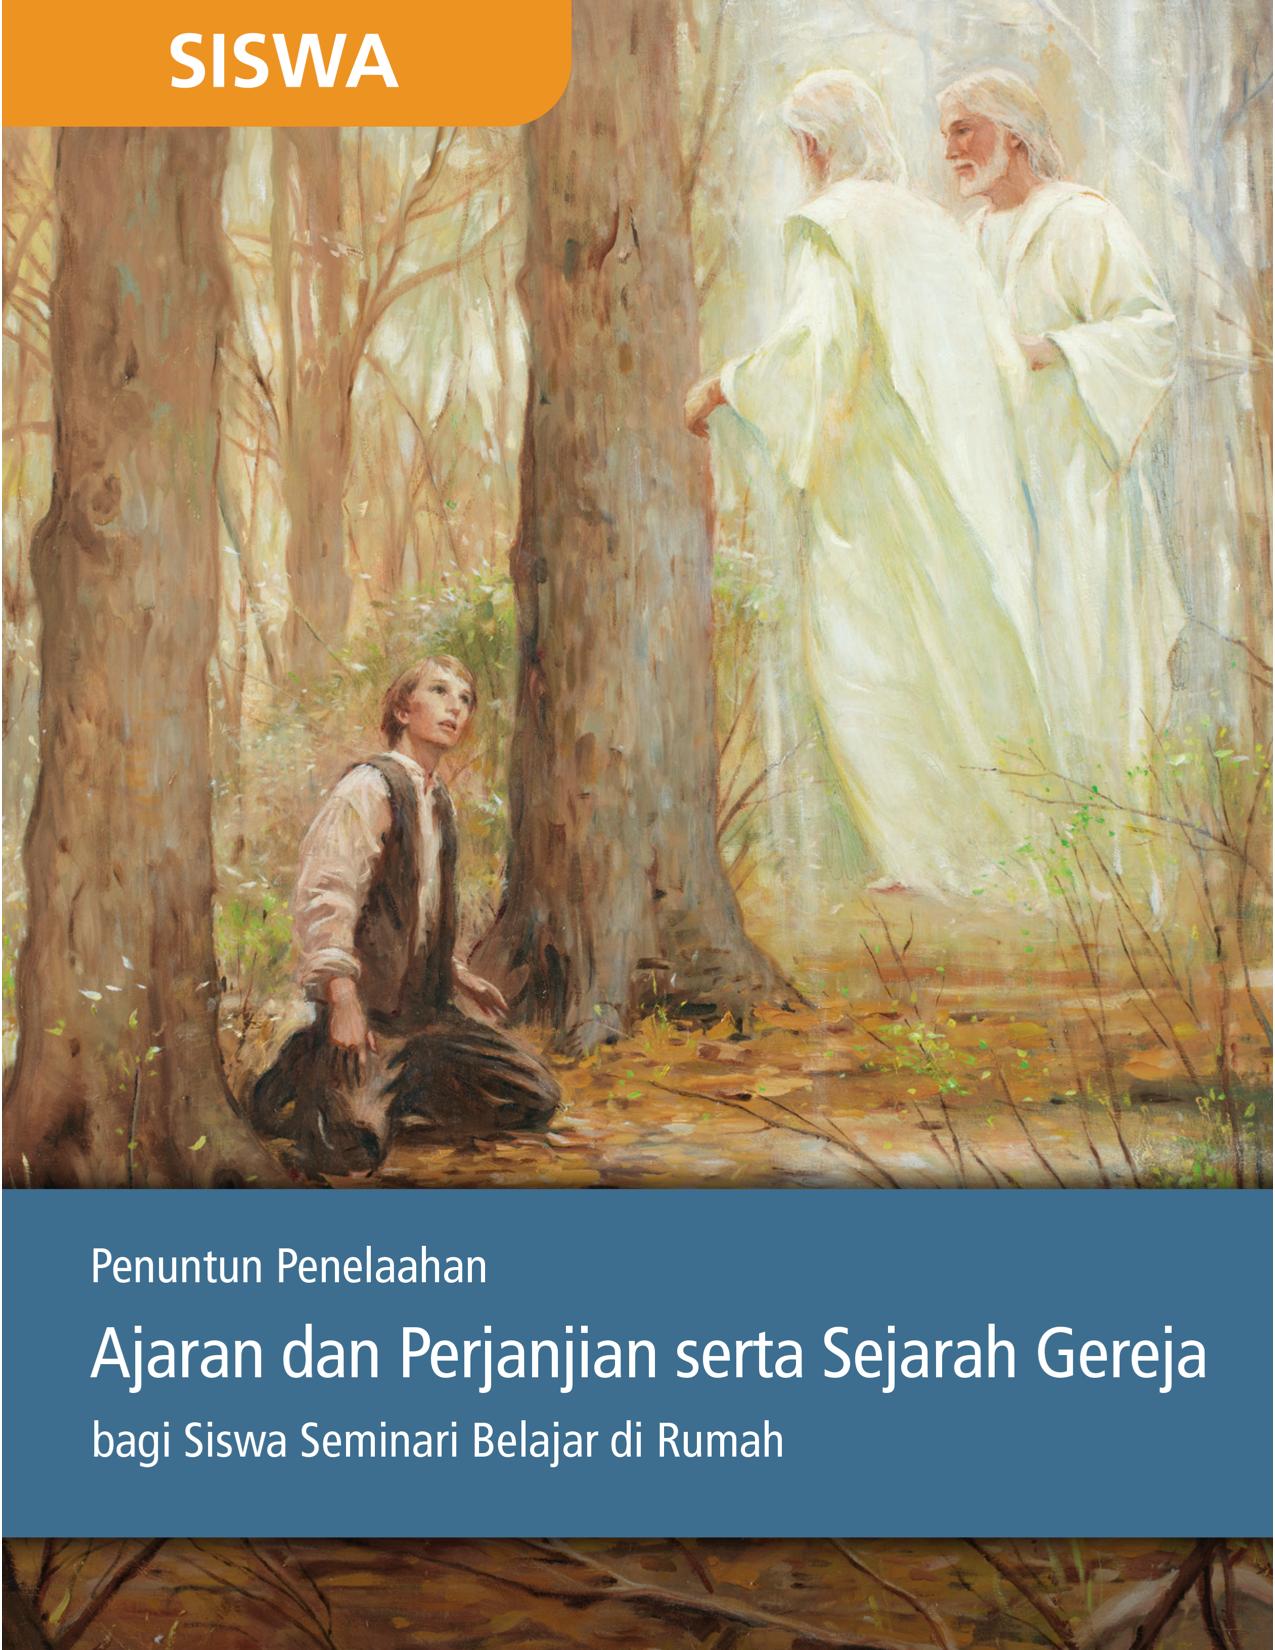 Penuntun Penelaahan Ajaran dan Perjanjian serta Sejarah Gereja bagi Siswa Seminari Belajar di Rumah